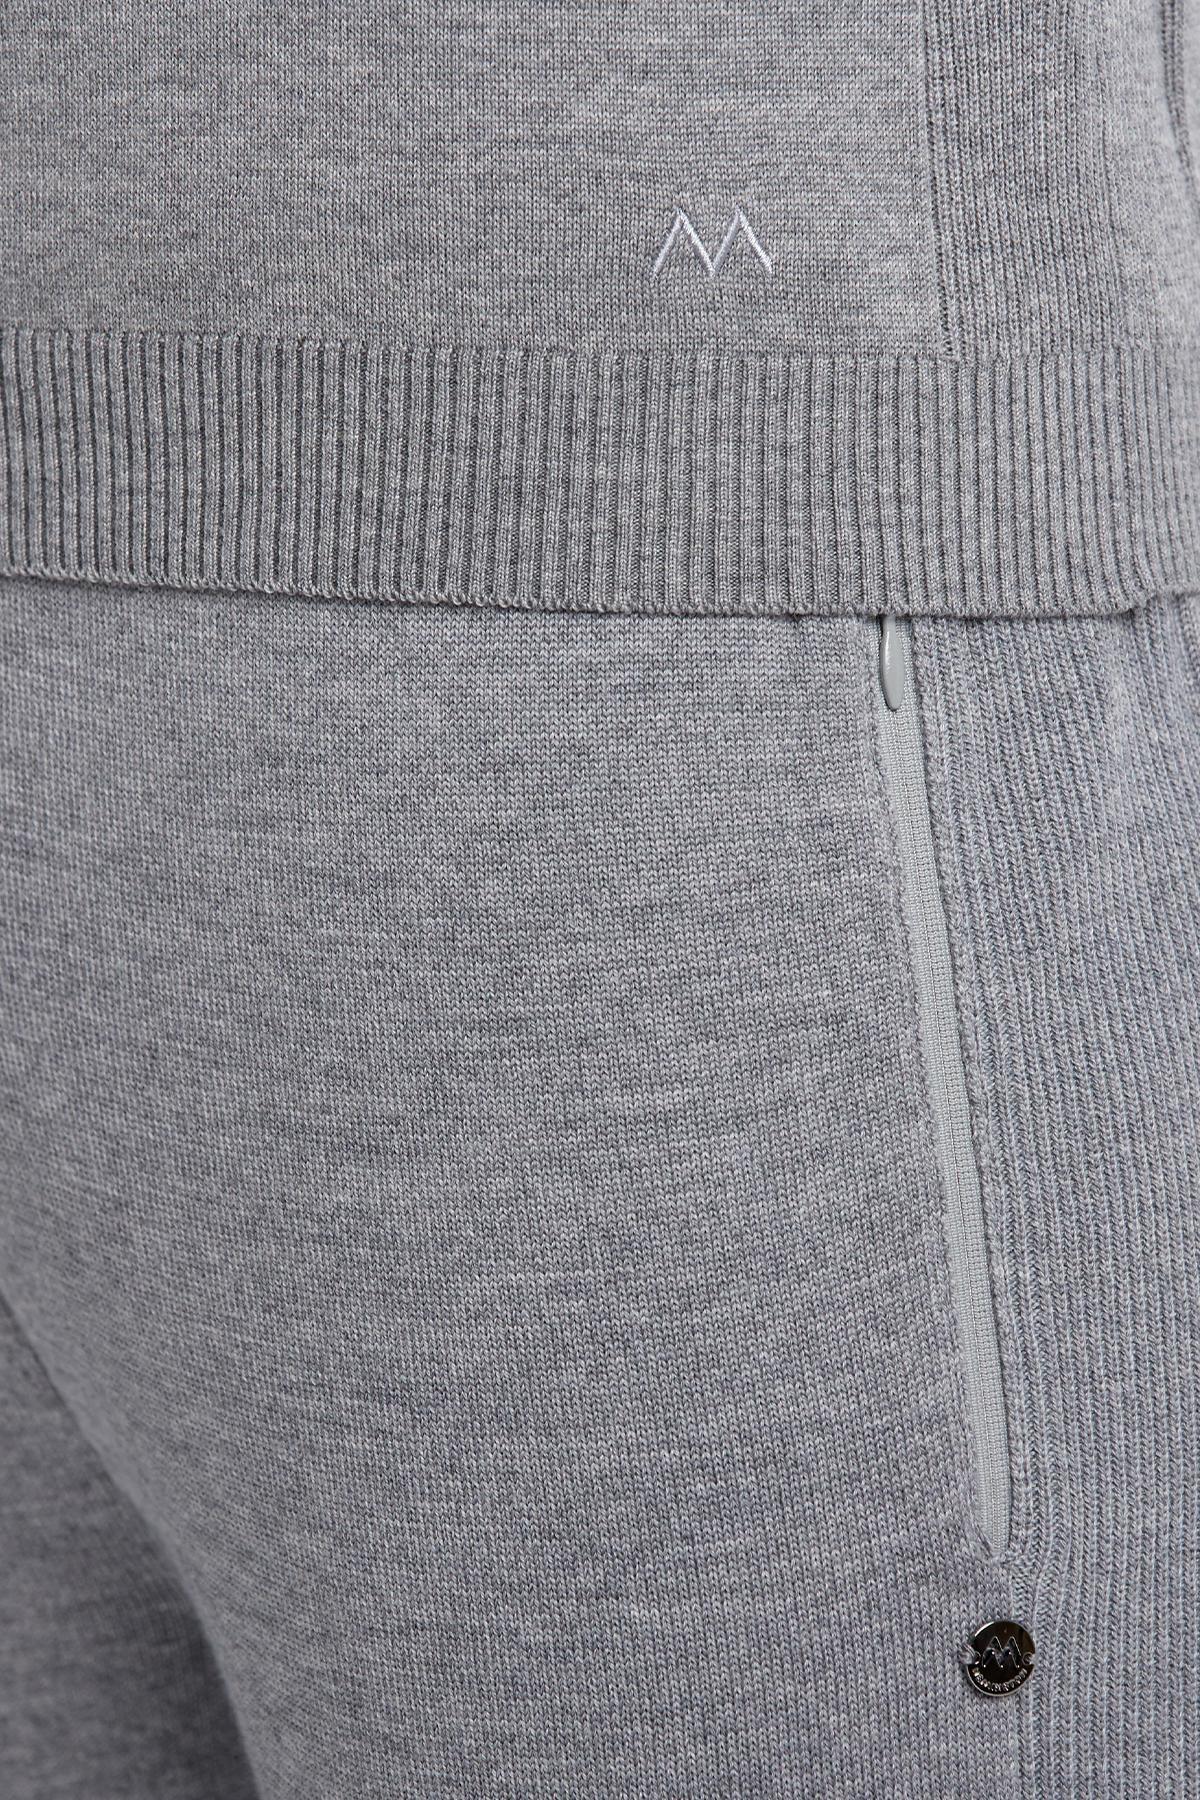 V Yaka Merino Yün Açık Gri Activewear Triko